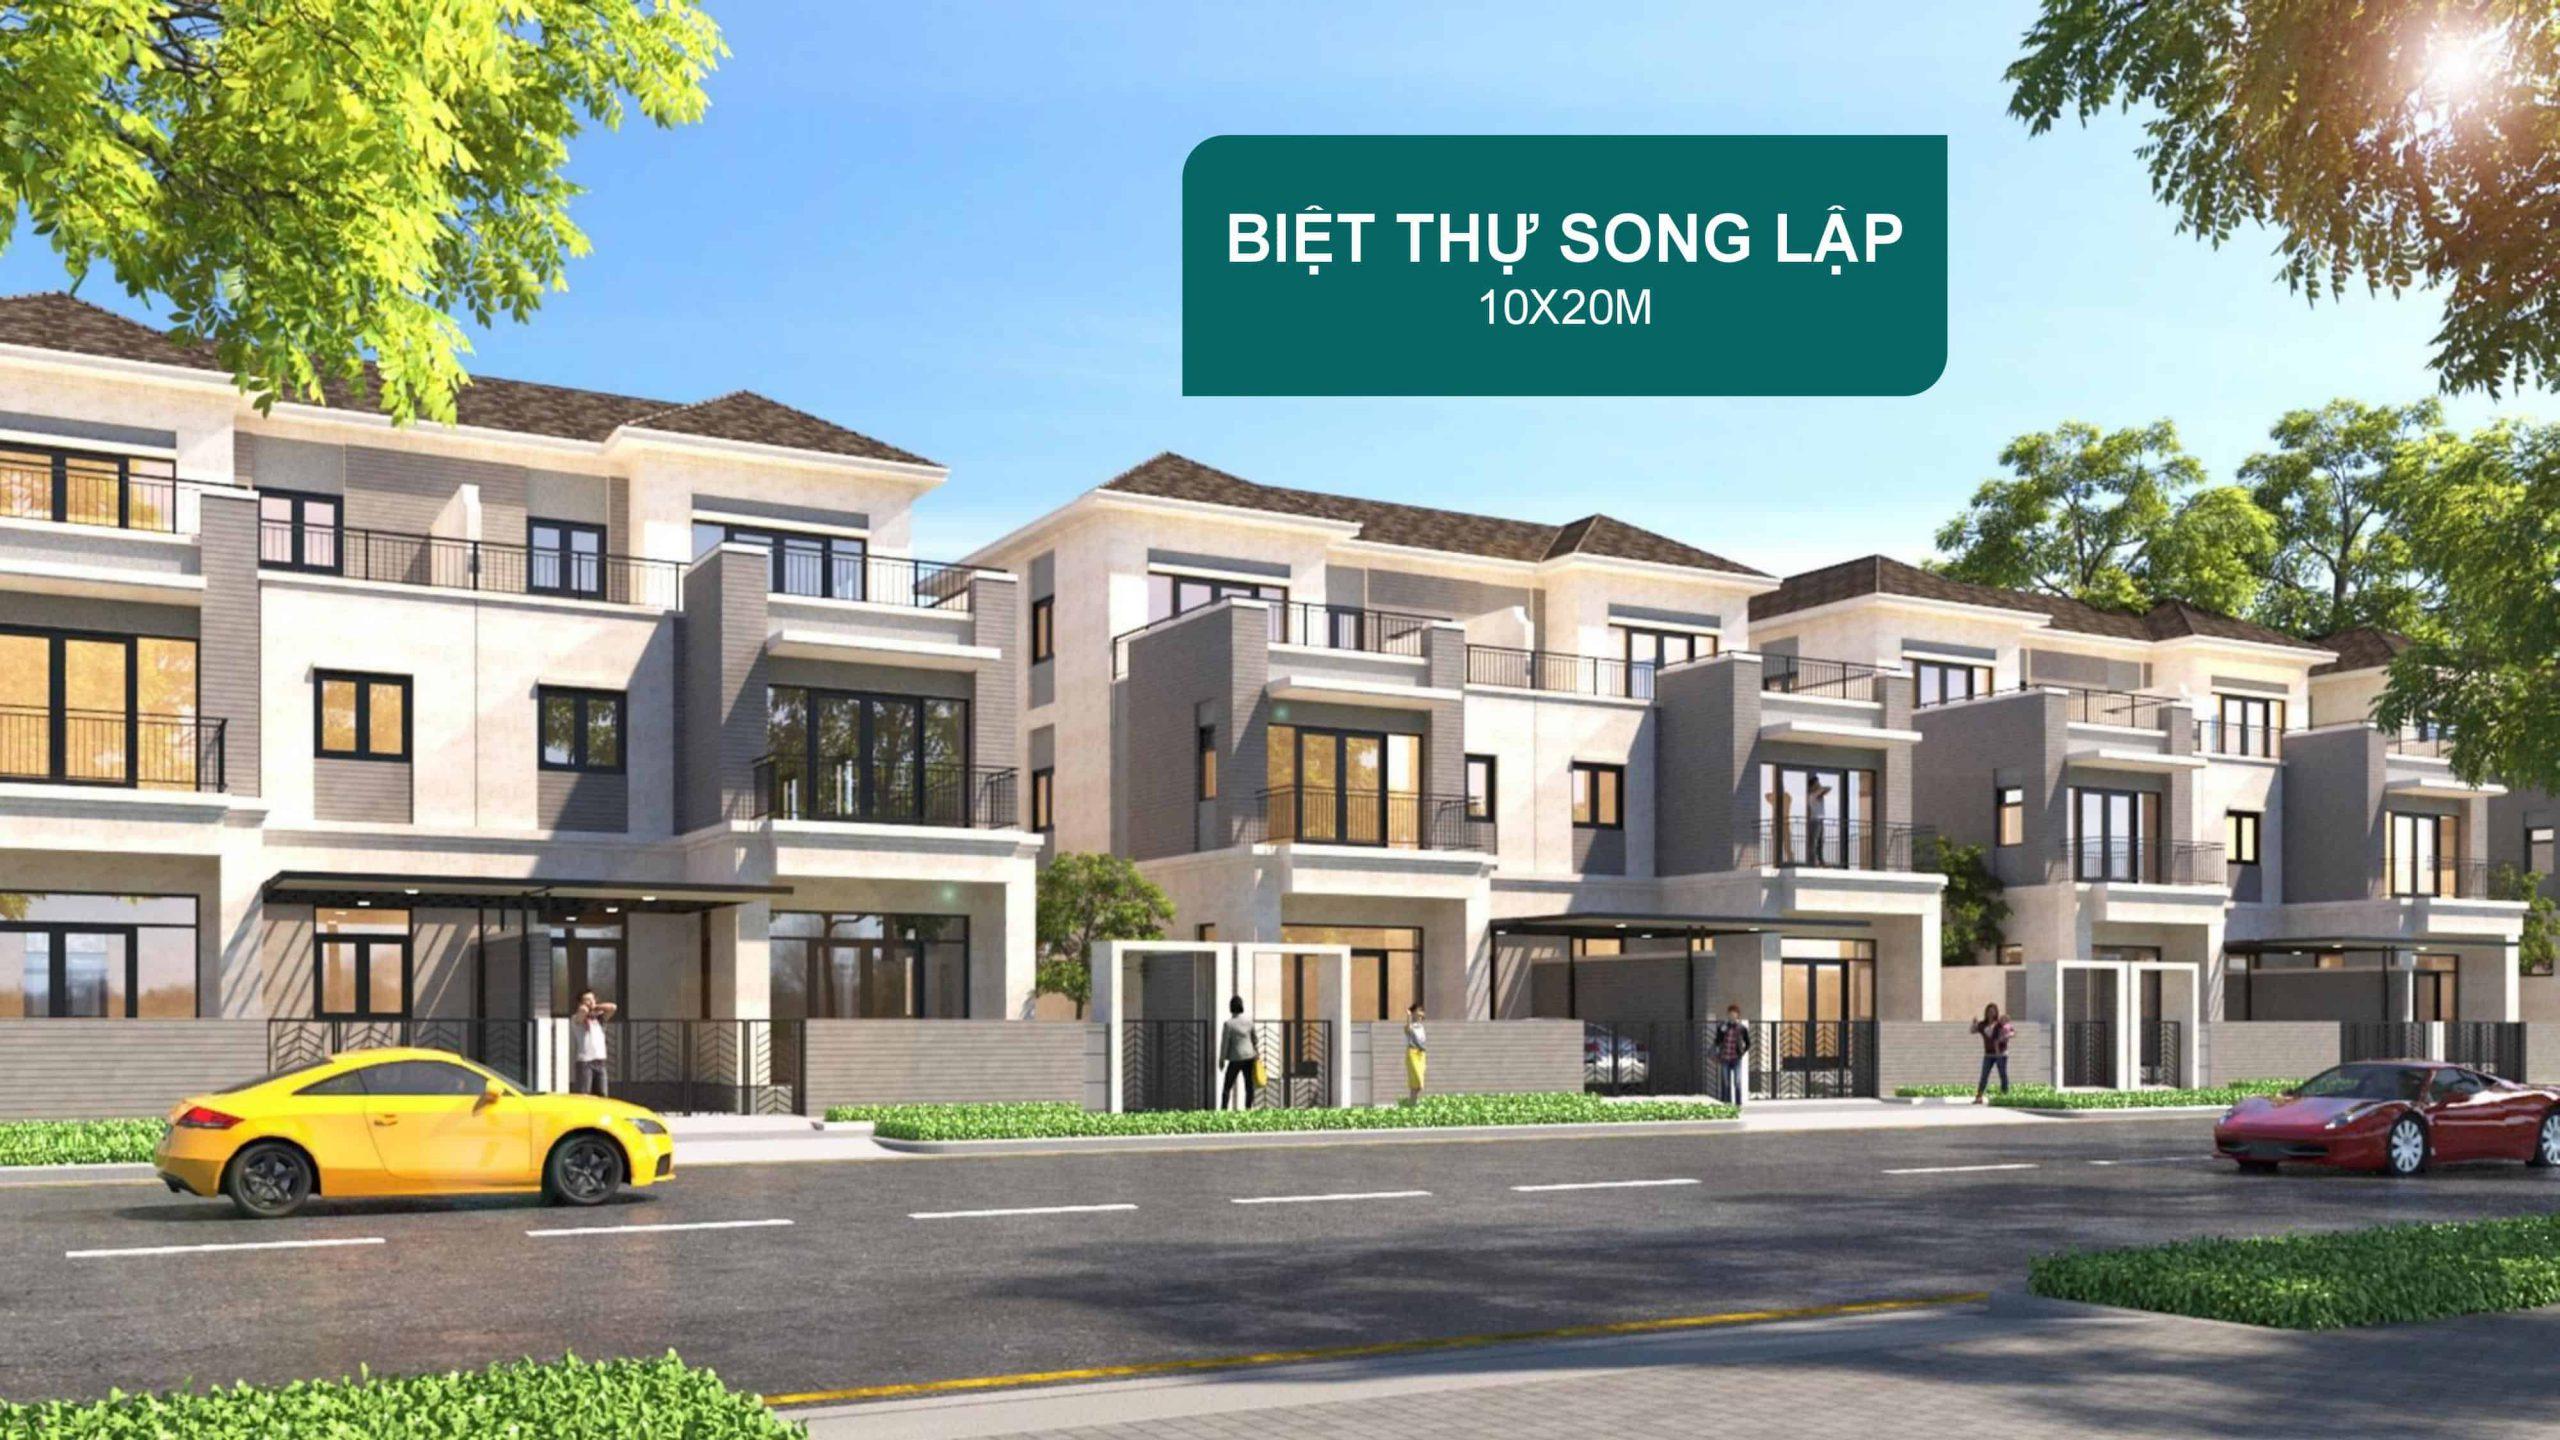 Biet Thu Song Lap Aqua City 10x20